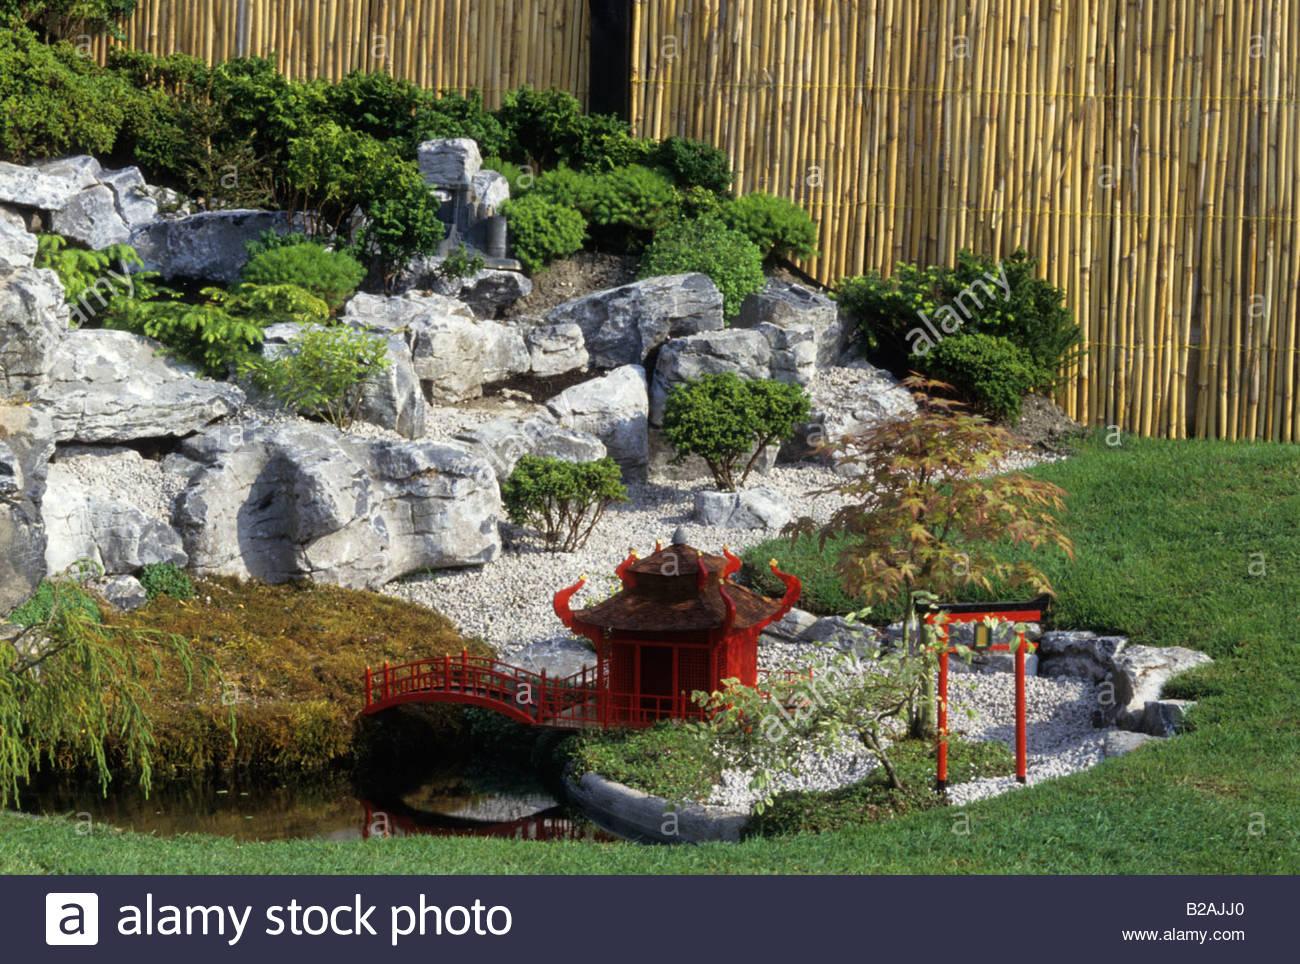 Chelsea Flower Show 1995 Miniature Japanese Garden Stock